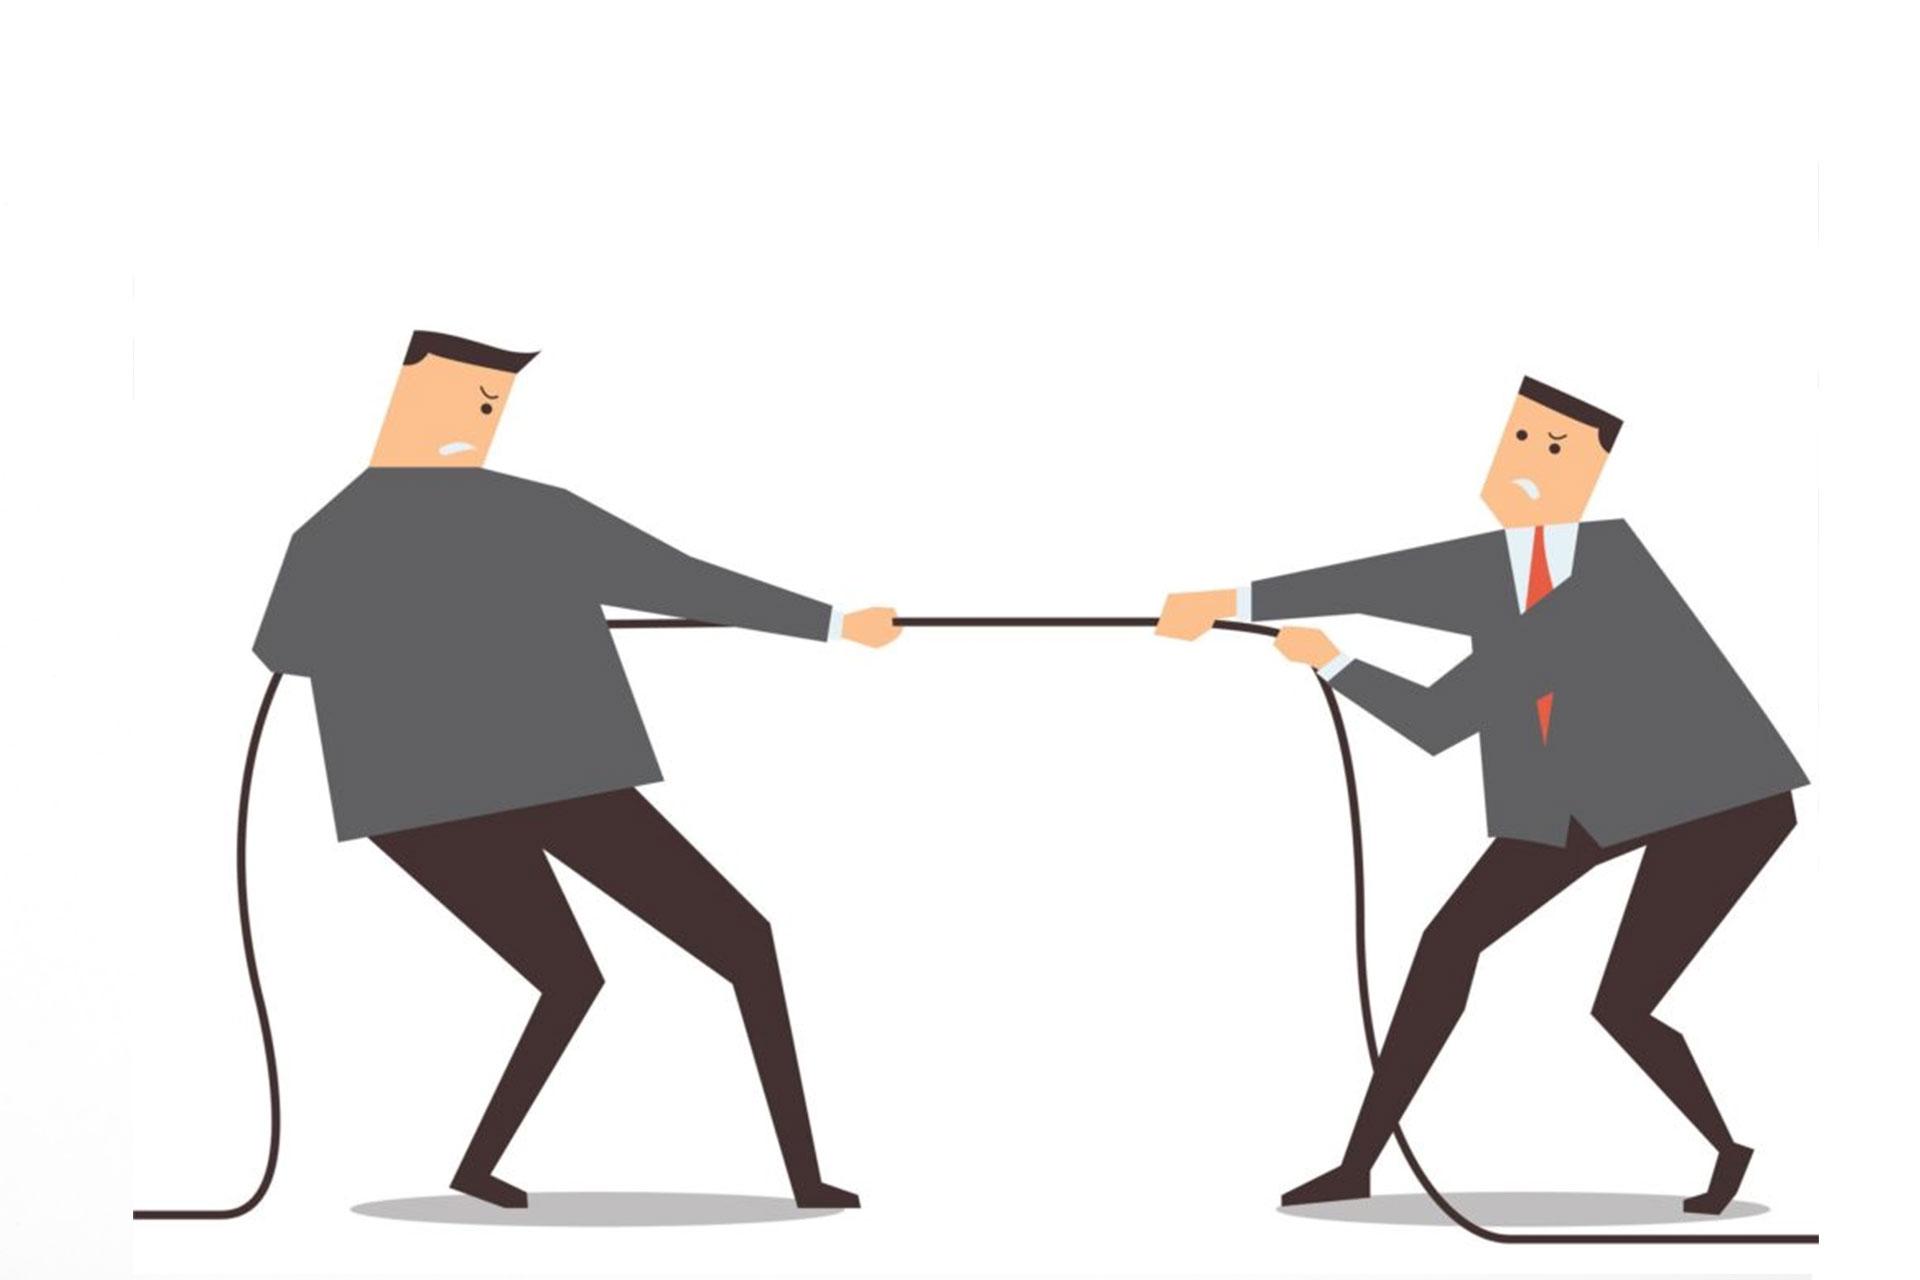 xung đột ngang và xung đột dọc (Ví dụ về xung đột ngang)